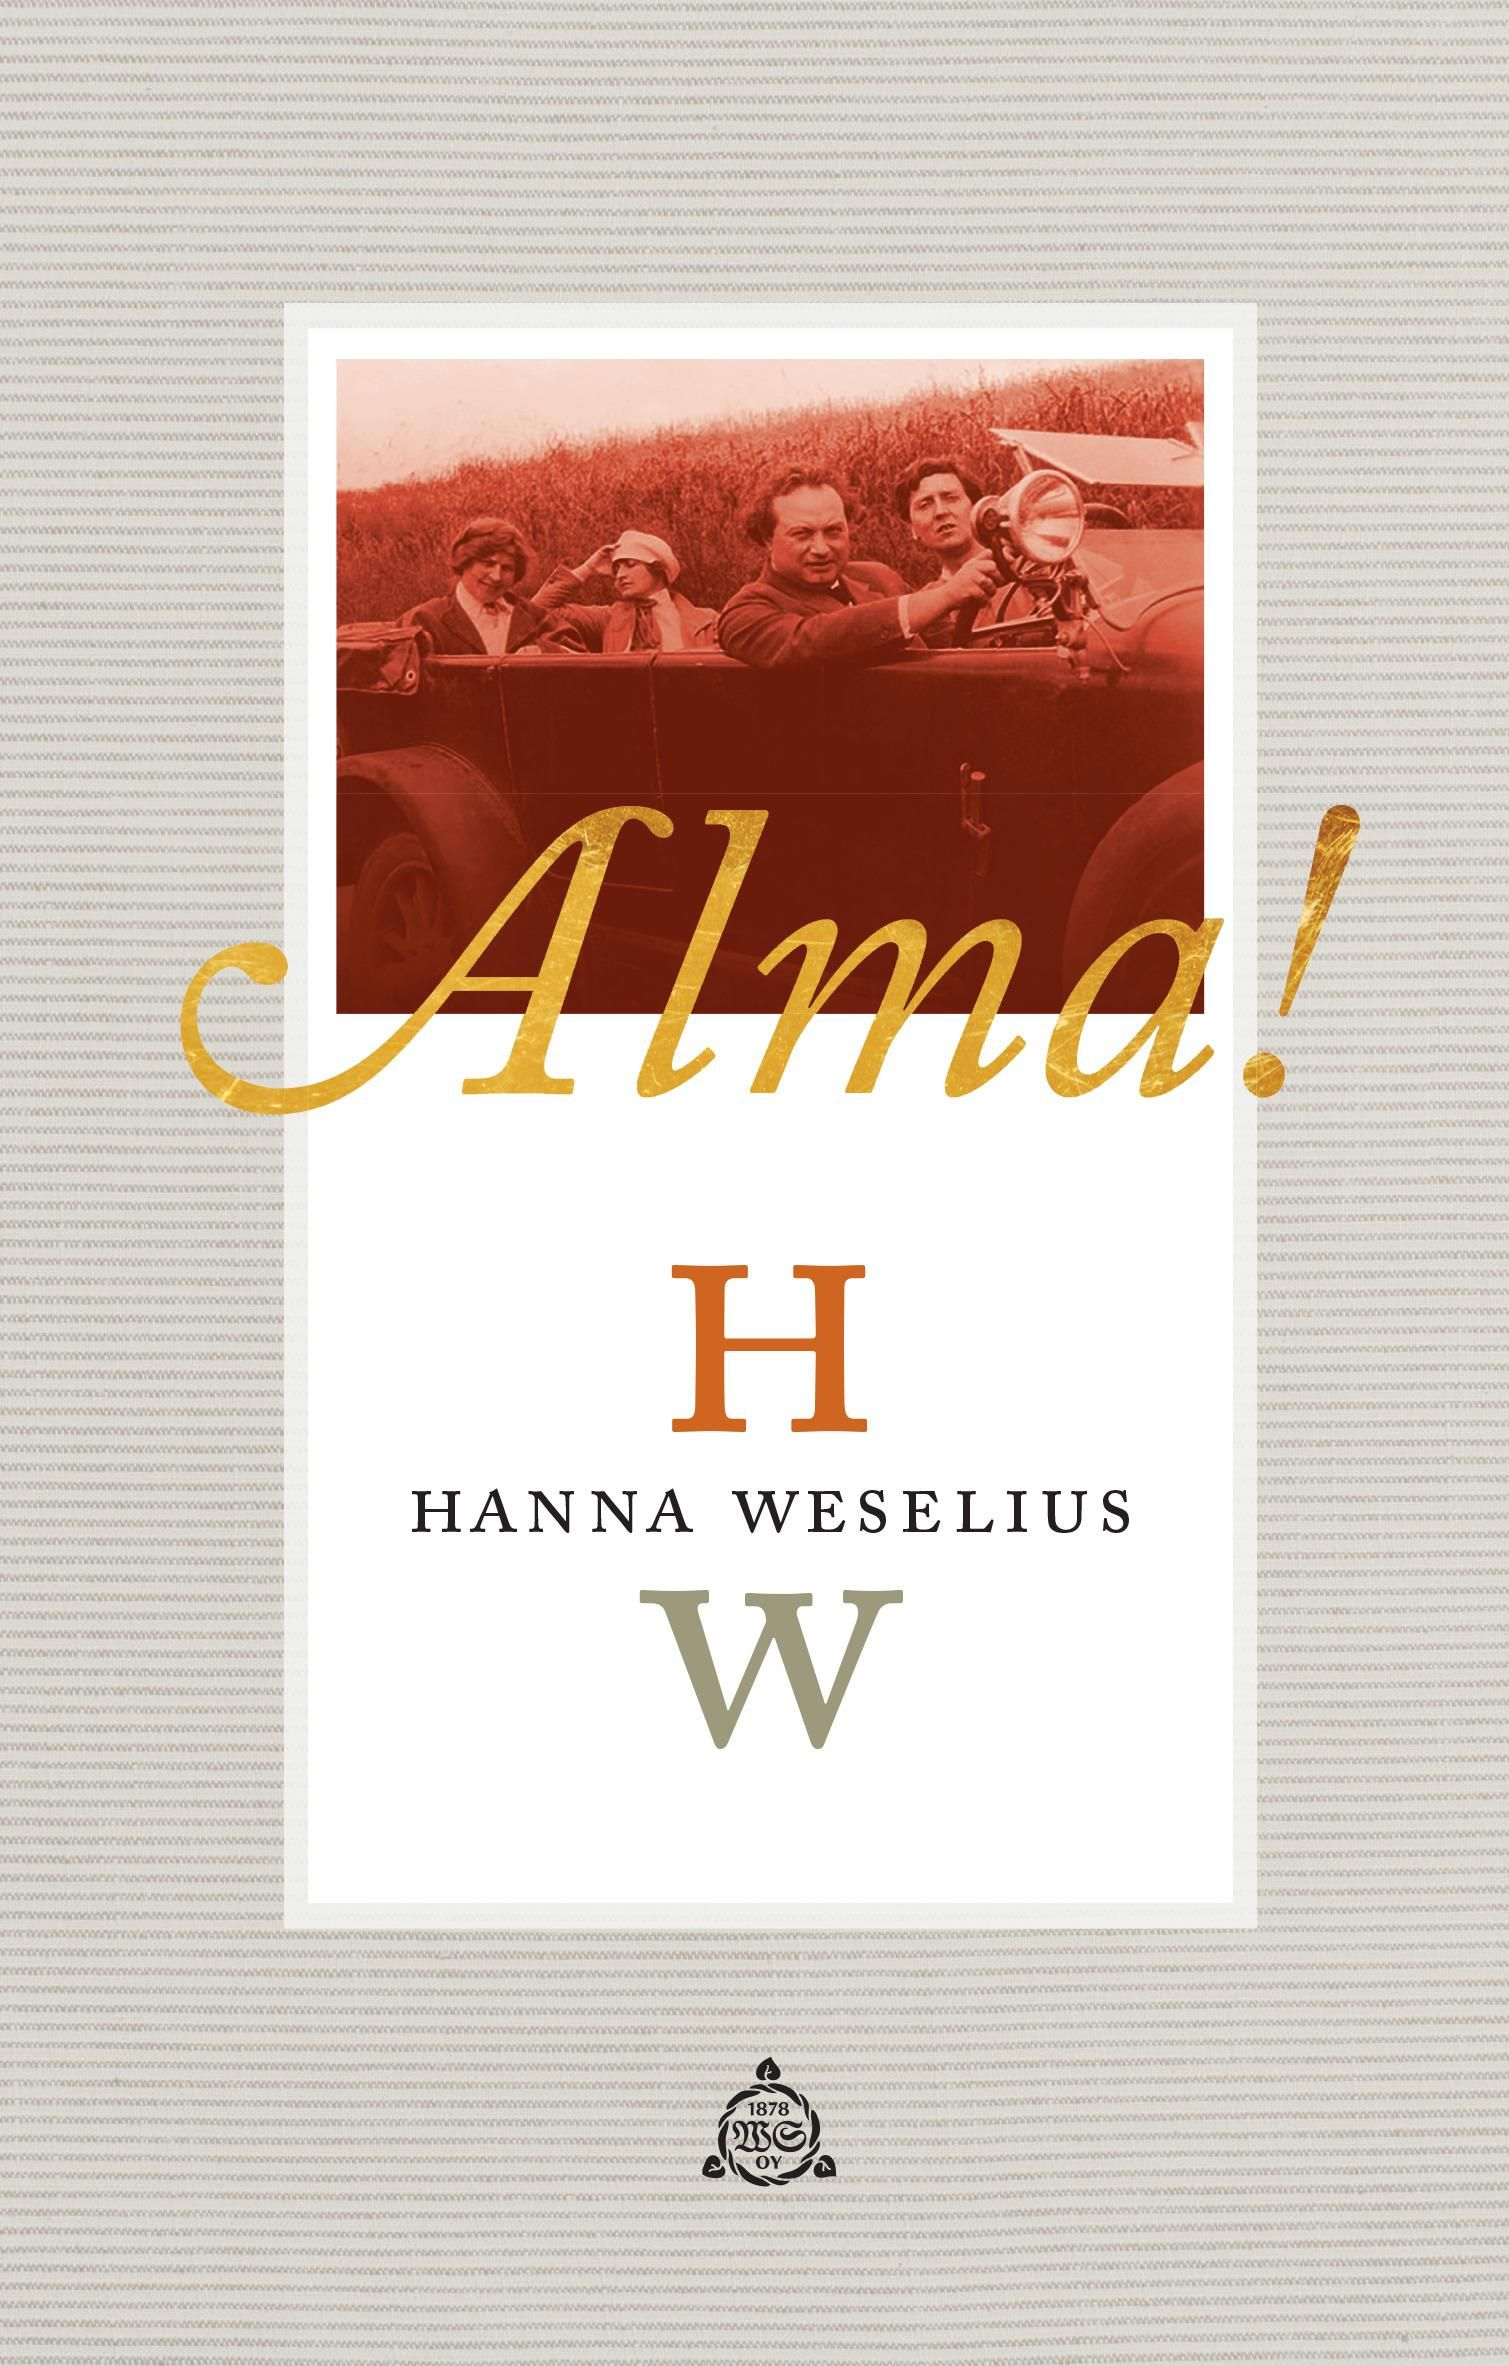 Kirjan vuosi 2015 -kirjoituskilpailun voittanut romaani   Alma! on rihmastomainen, moniaalle kurkottava ja kieleltään ilmaisuvoimainen romaani taiteesta, nykymaailmasta ja niistä kriteereistä, joilla ihmisyyttä ja varsinkin naisen arvoa yhä mitataan. Sen todellisuudessa on sijaa yhtä lailla maahanmuuttajapoikaa salaa tapaavalle lakinaiselle ja juorulehtien sivuilla omaa glamour-elämäänsä viettävälle viihdetanssijalle.   Wienissä 1907 Alma Mahler istuu pianon ääressä, hänen sormensa juoksevat…